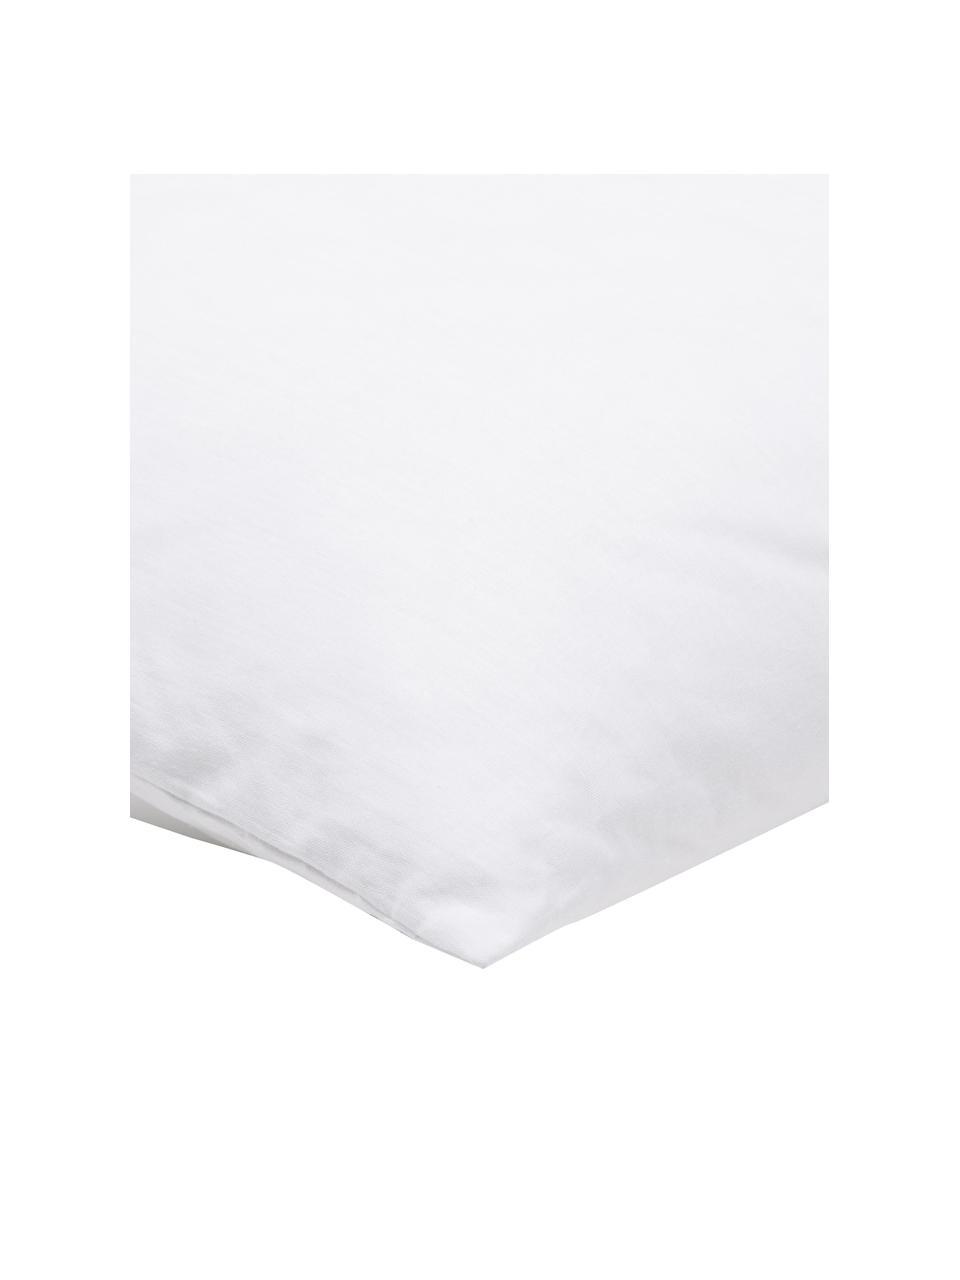 Garnissage de coussin en microfibre 50 x 50  Sia, Blanc